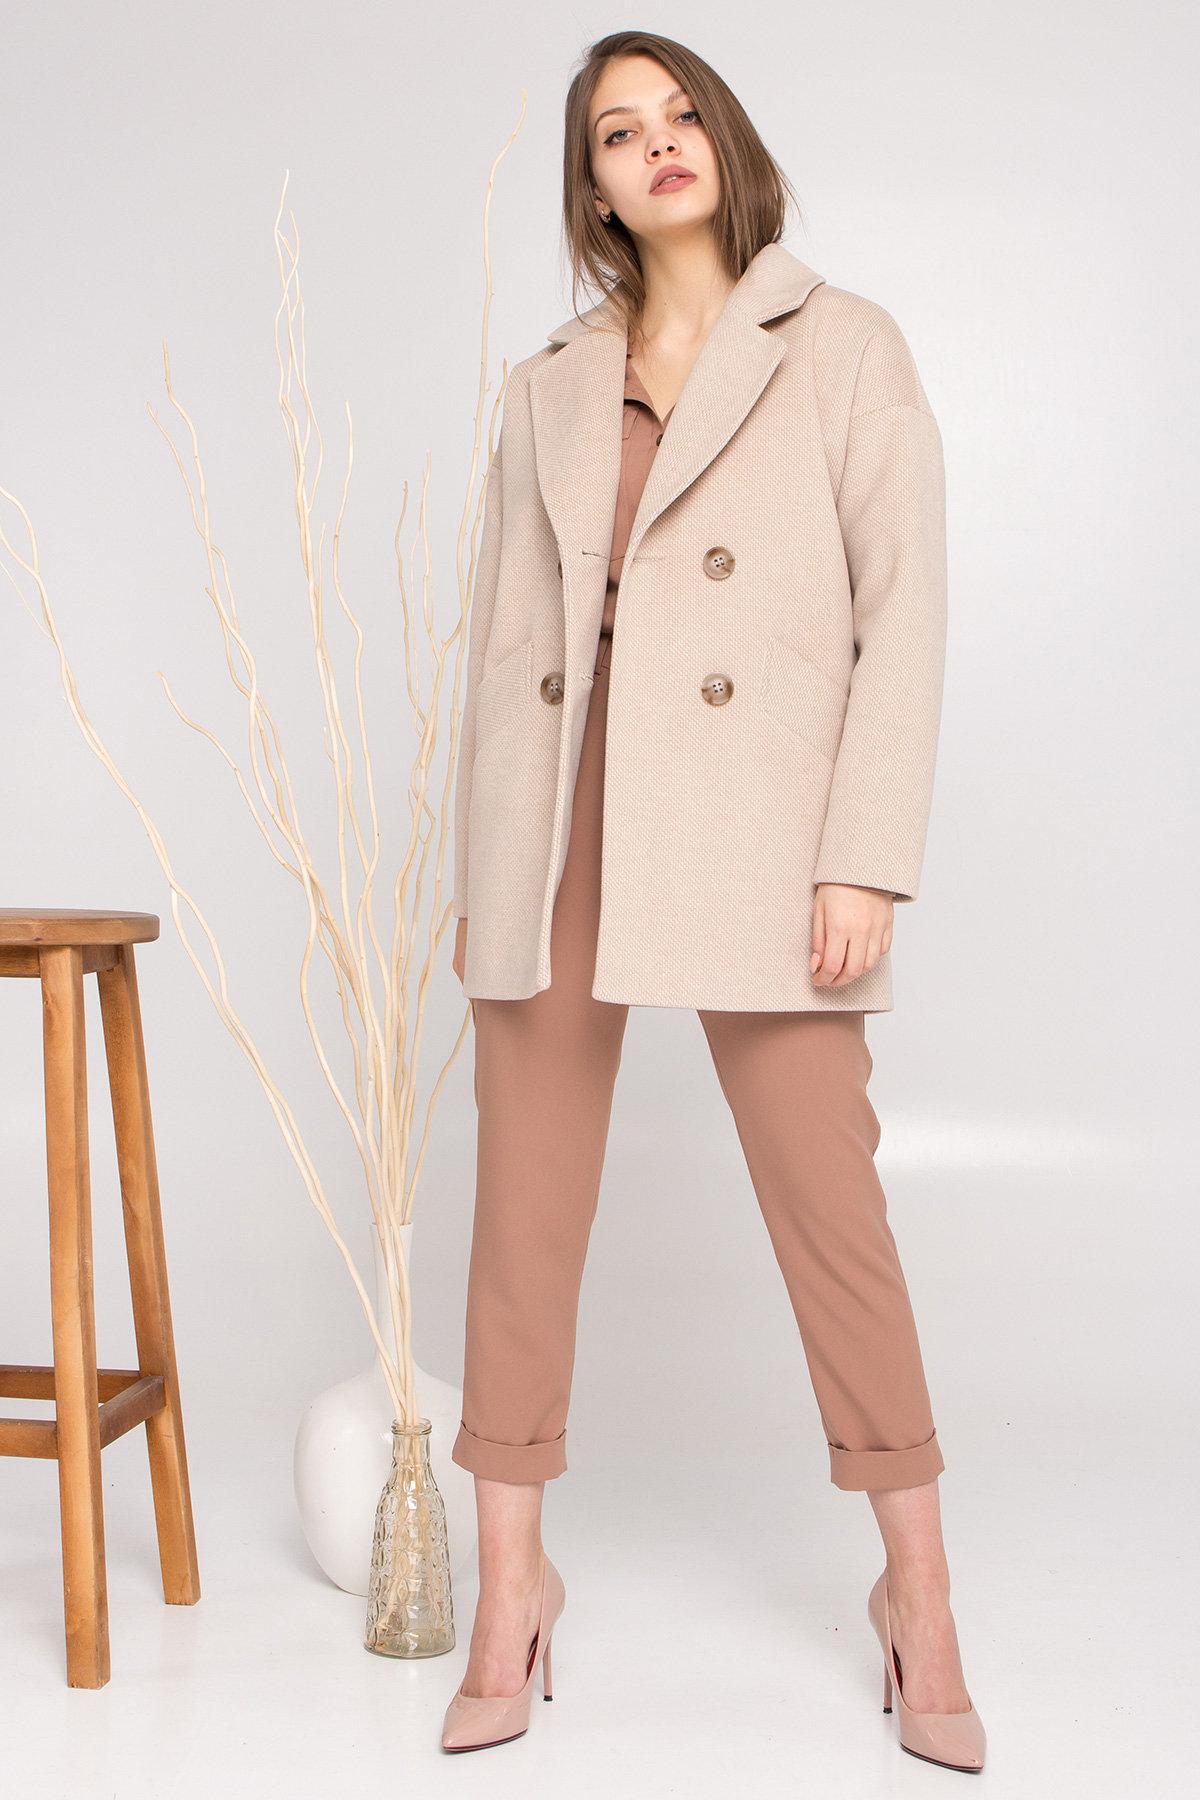 Демисезонное двубортное пальто Бонд 8927 АРТ. 45227 Цвет: Бежевый Светлый - фото 3, интернет магазин tm-modus.ru